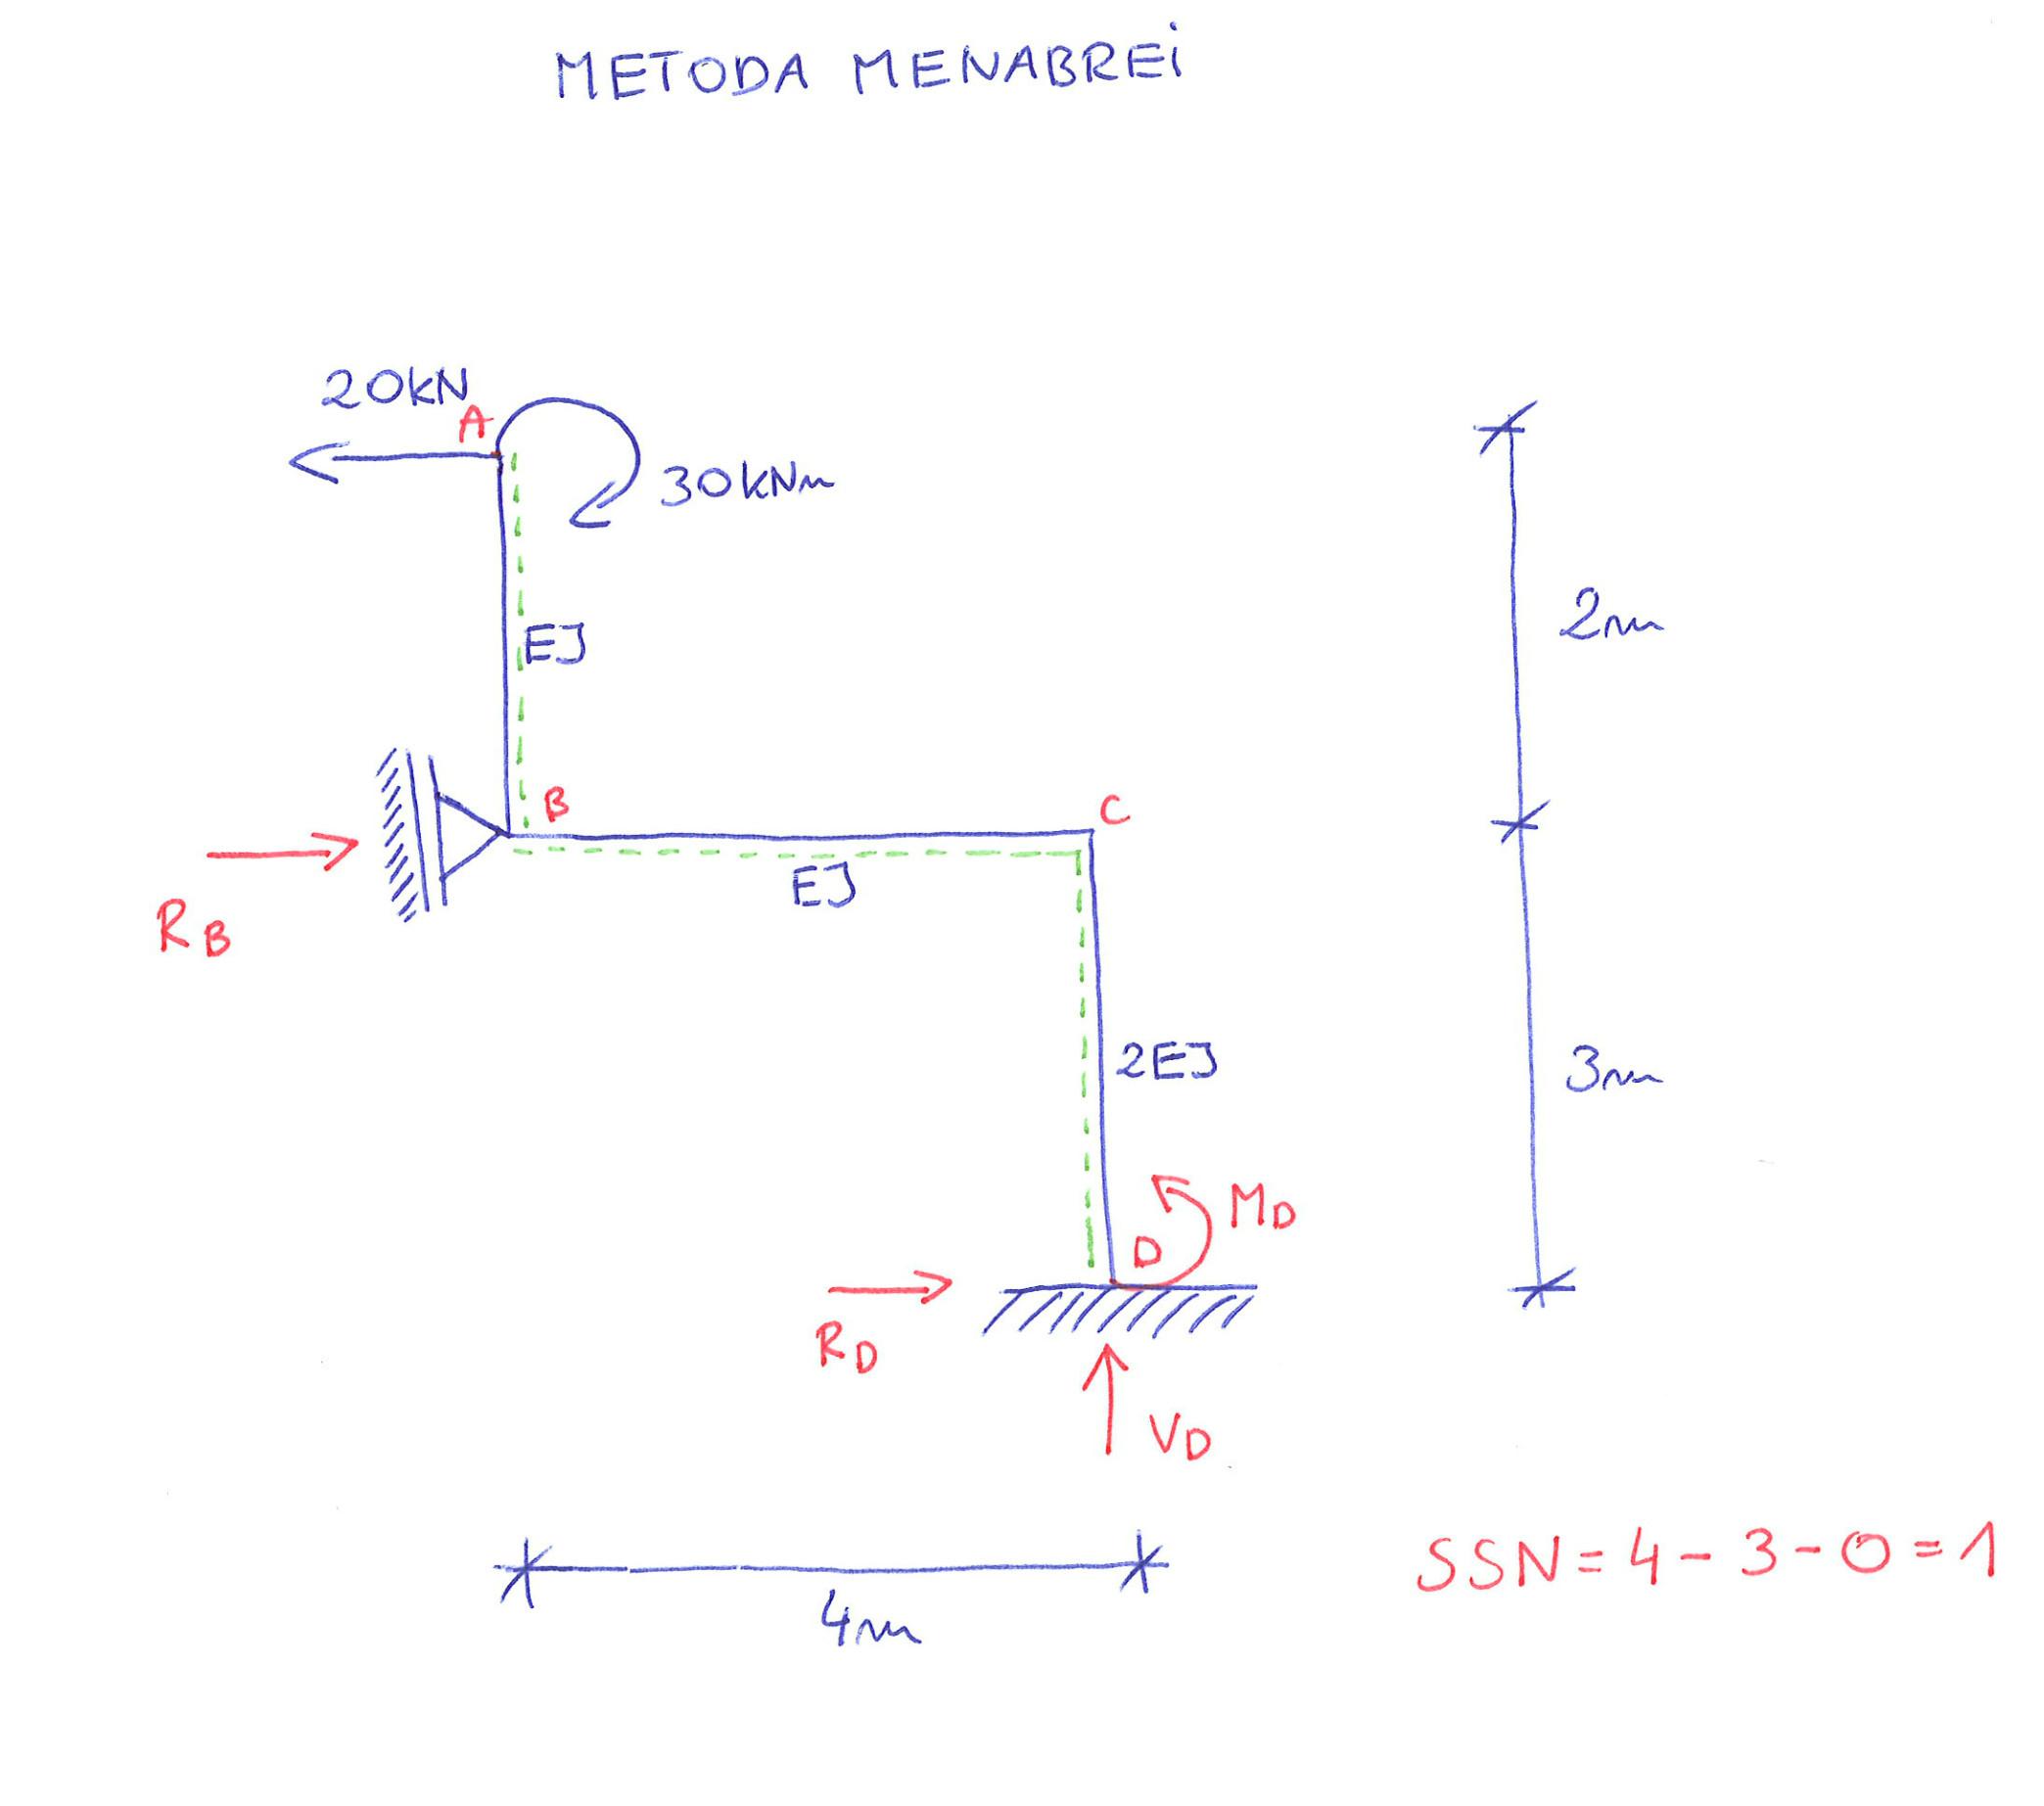 rama statycznie niewyznaczalna metoda Menabrei stopień statycznej niewyznaczalności